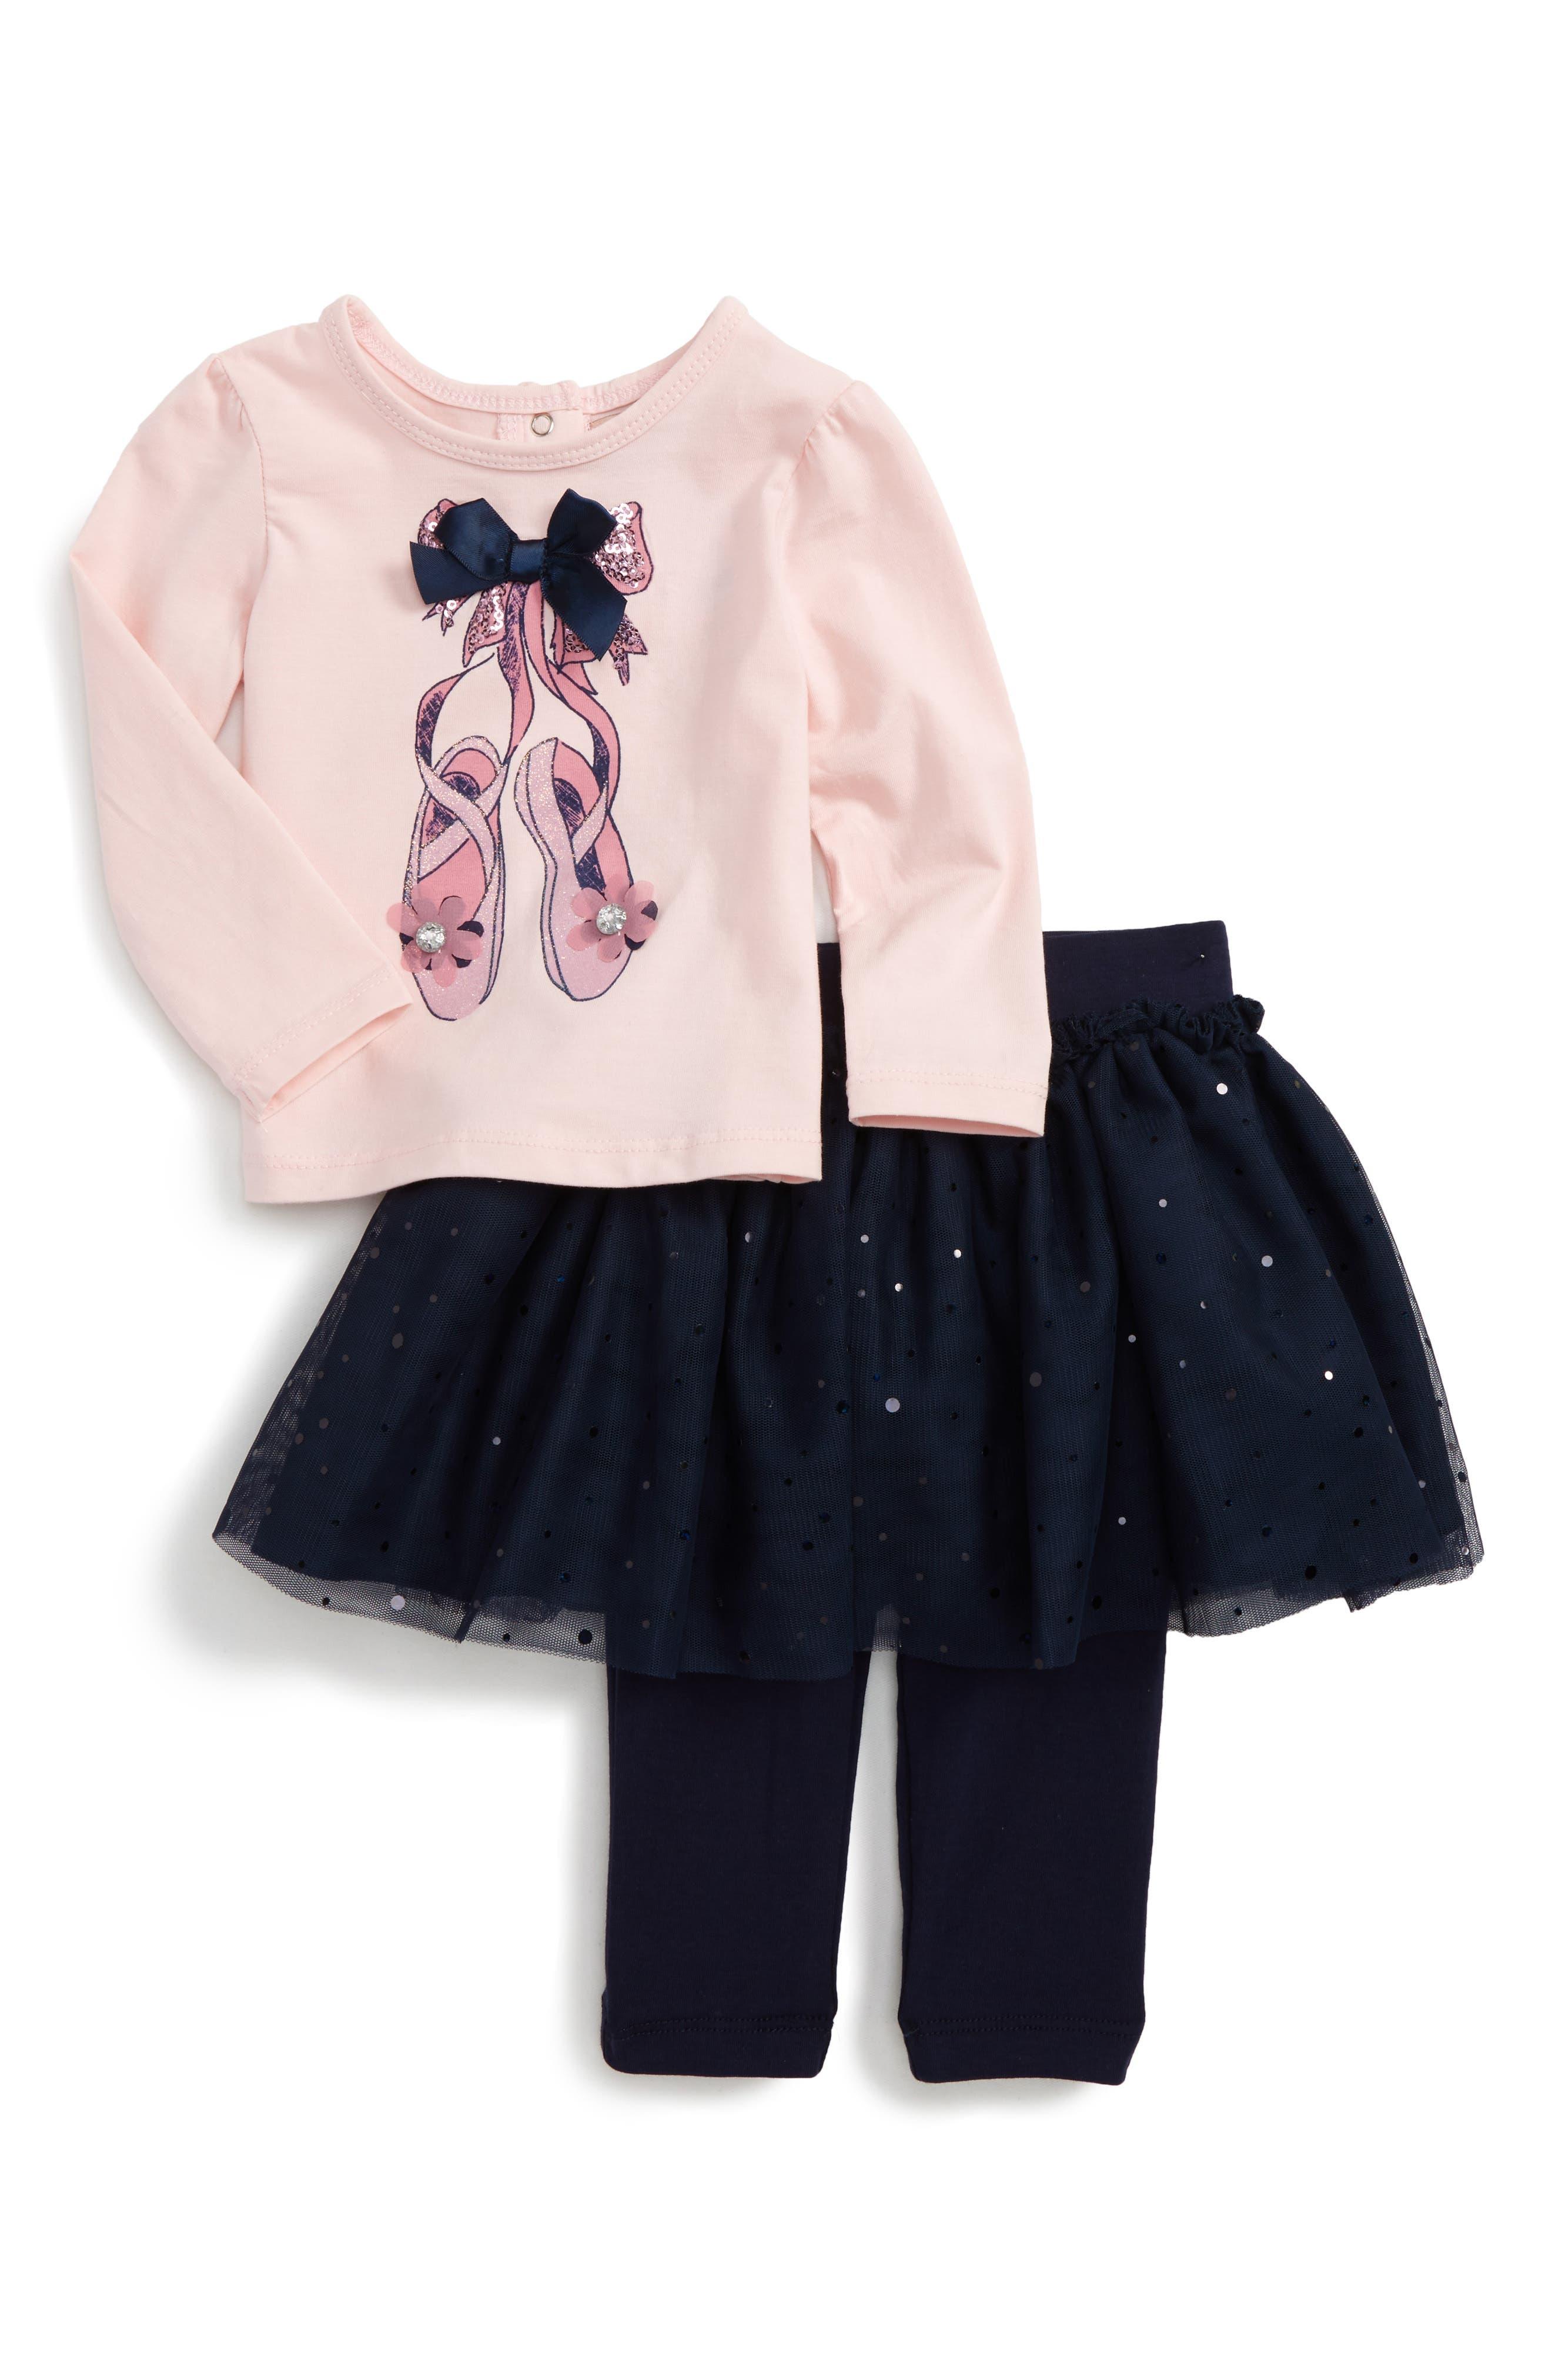 NANETTE LEPORE Ballet Slipper Top & Glitter Tutu Skirt Leggings